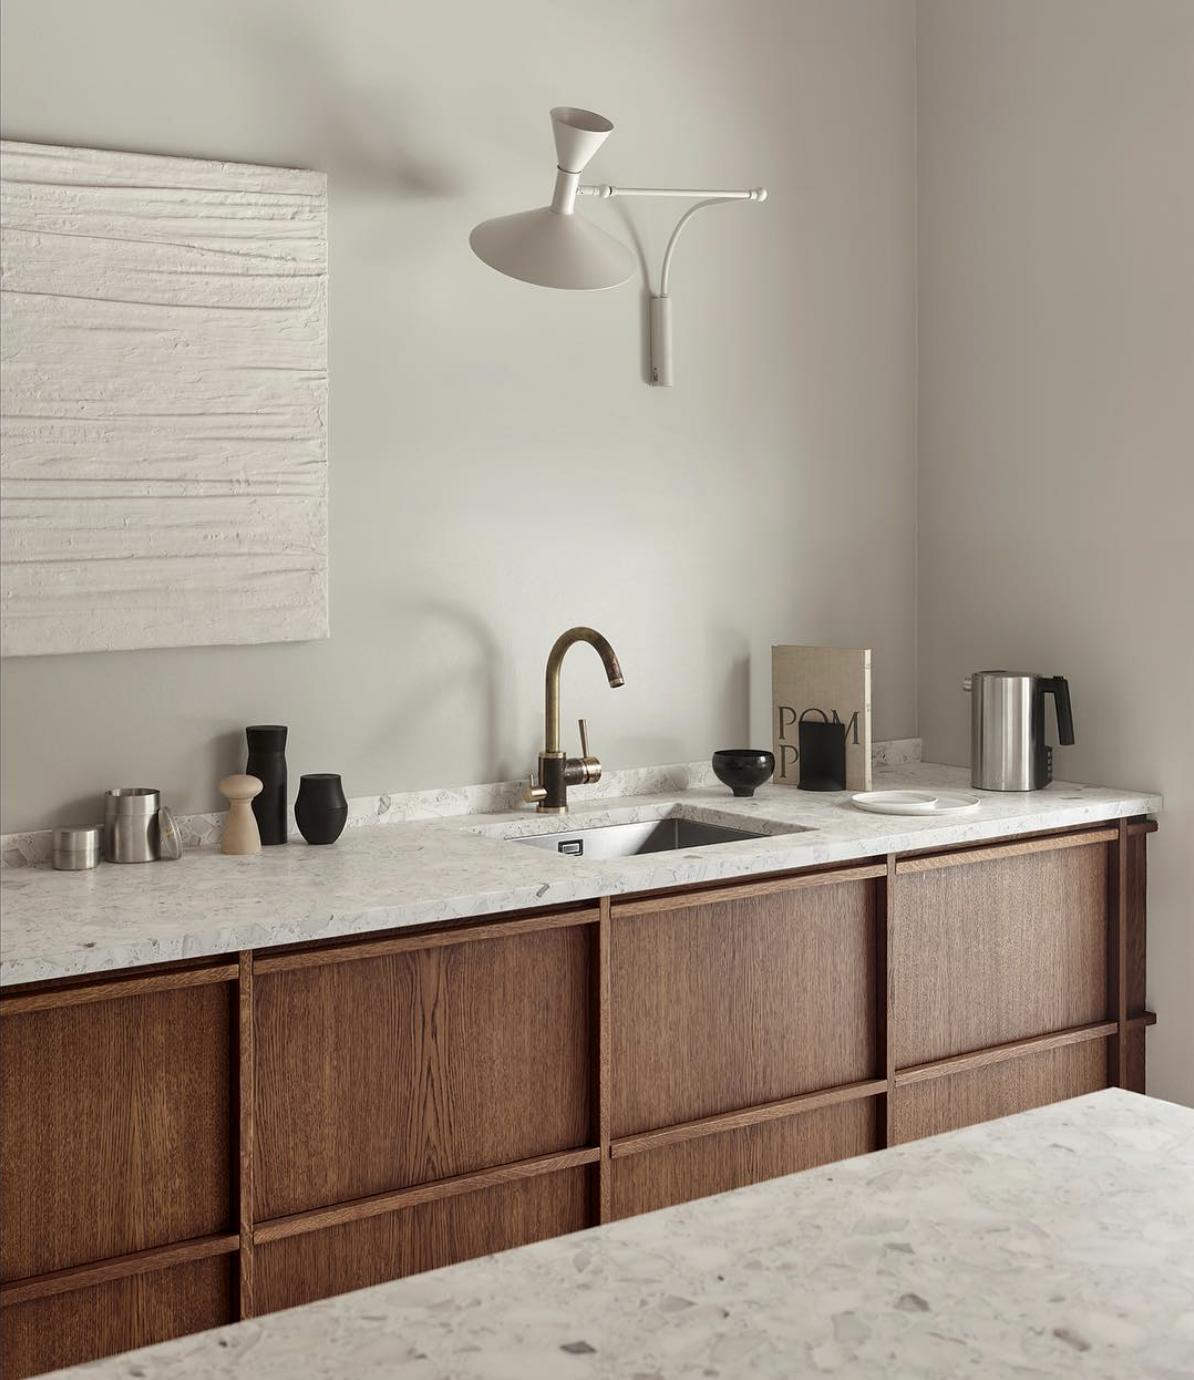 minimalisme detachement objet cuisine